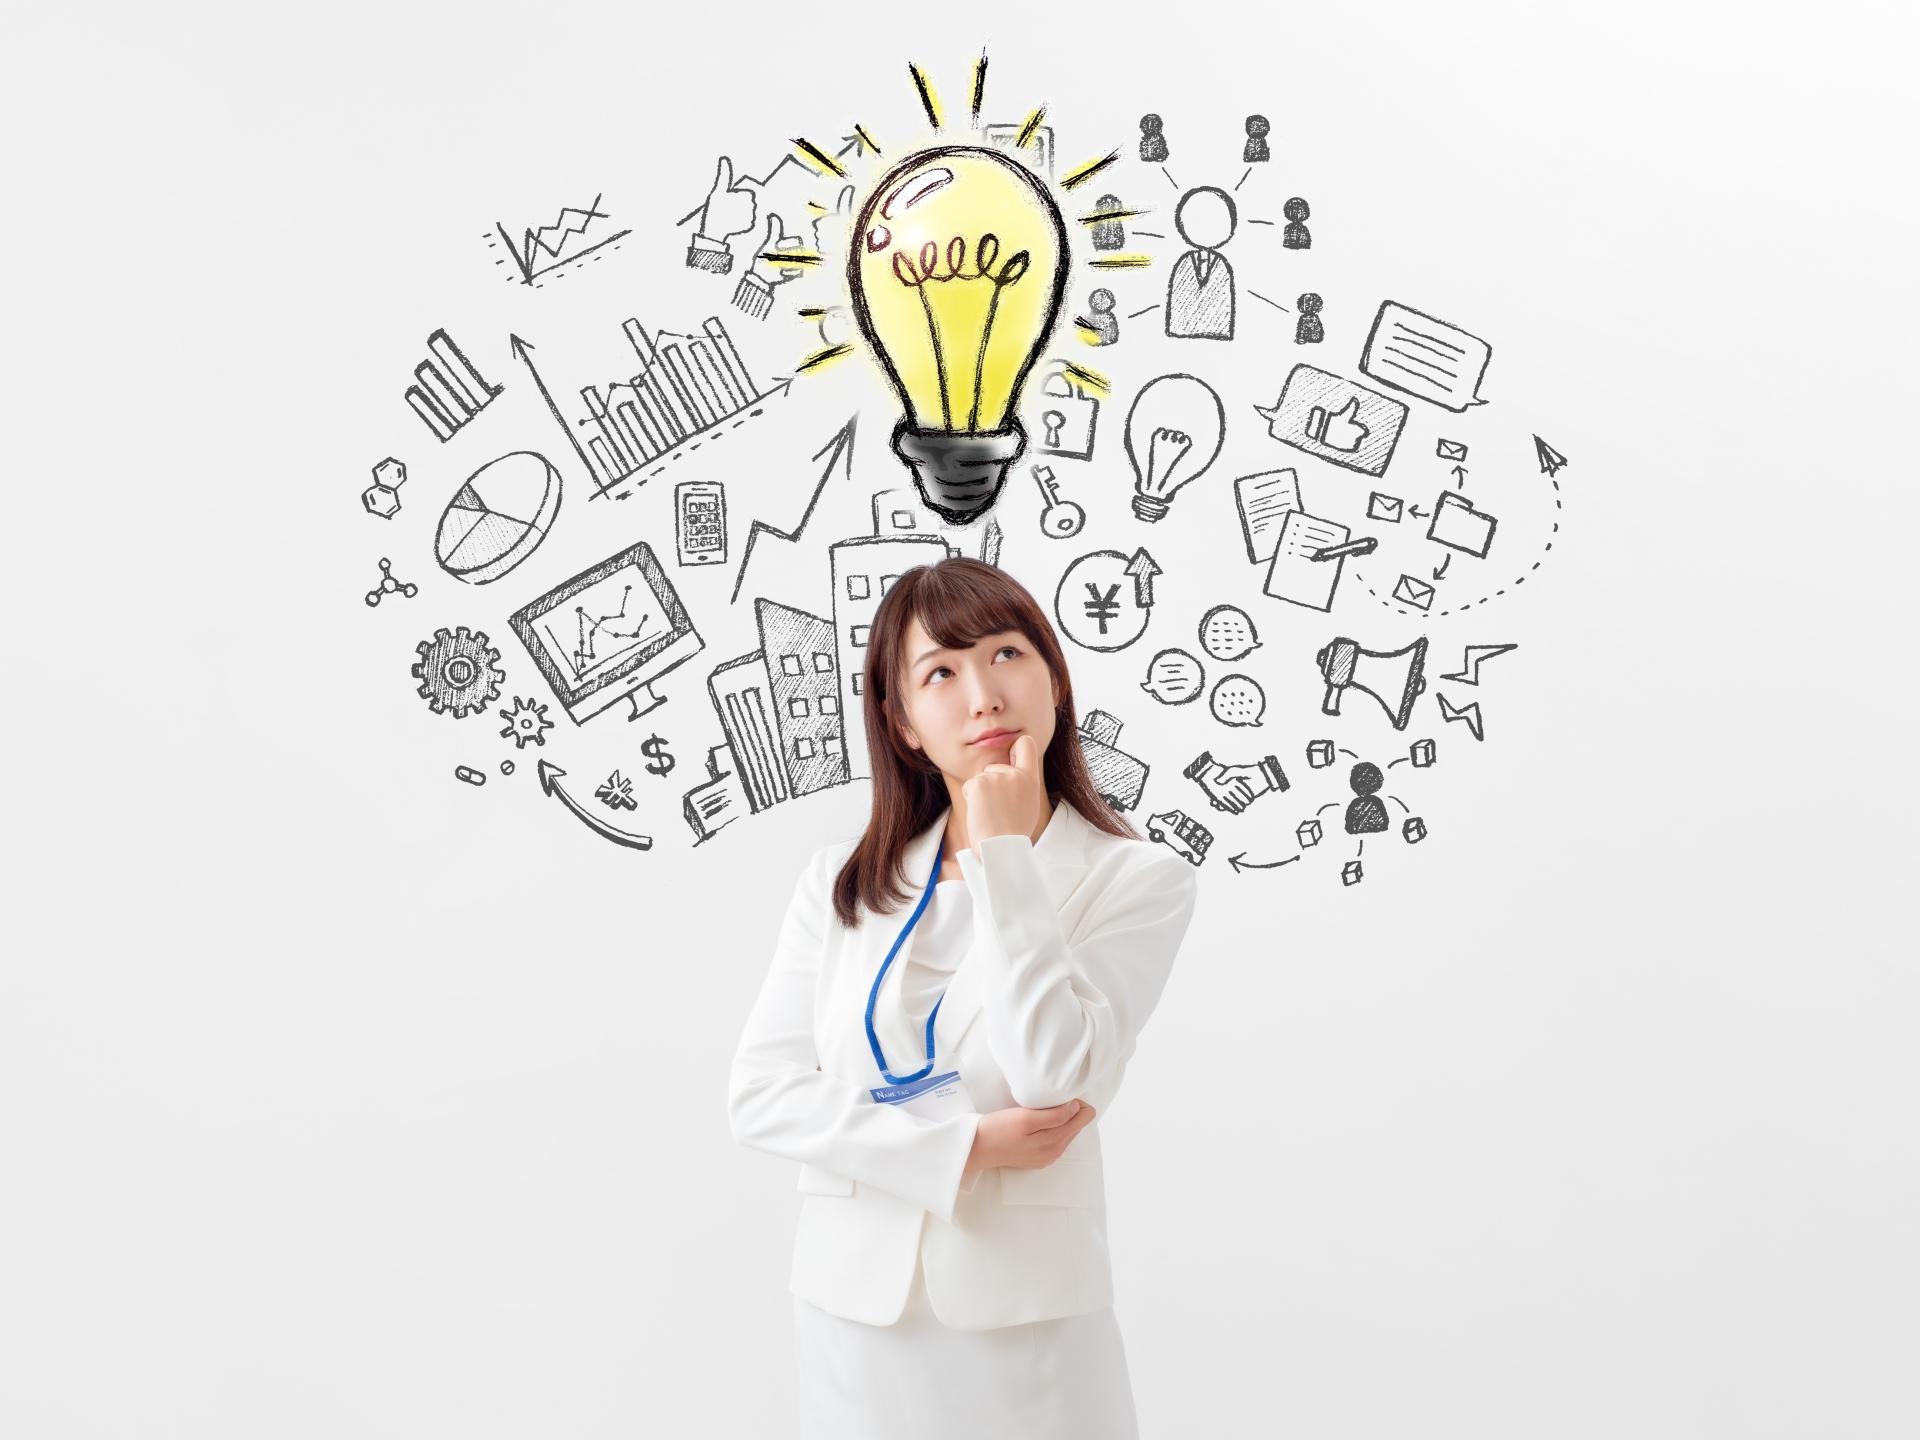 業務改善をする意味は?得られる効果や重要性が知りたい!_意味